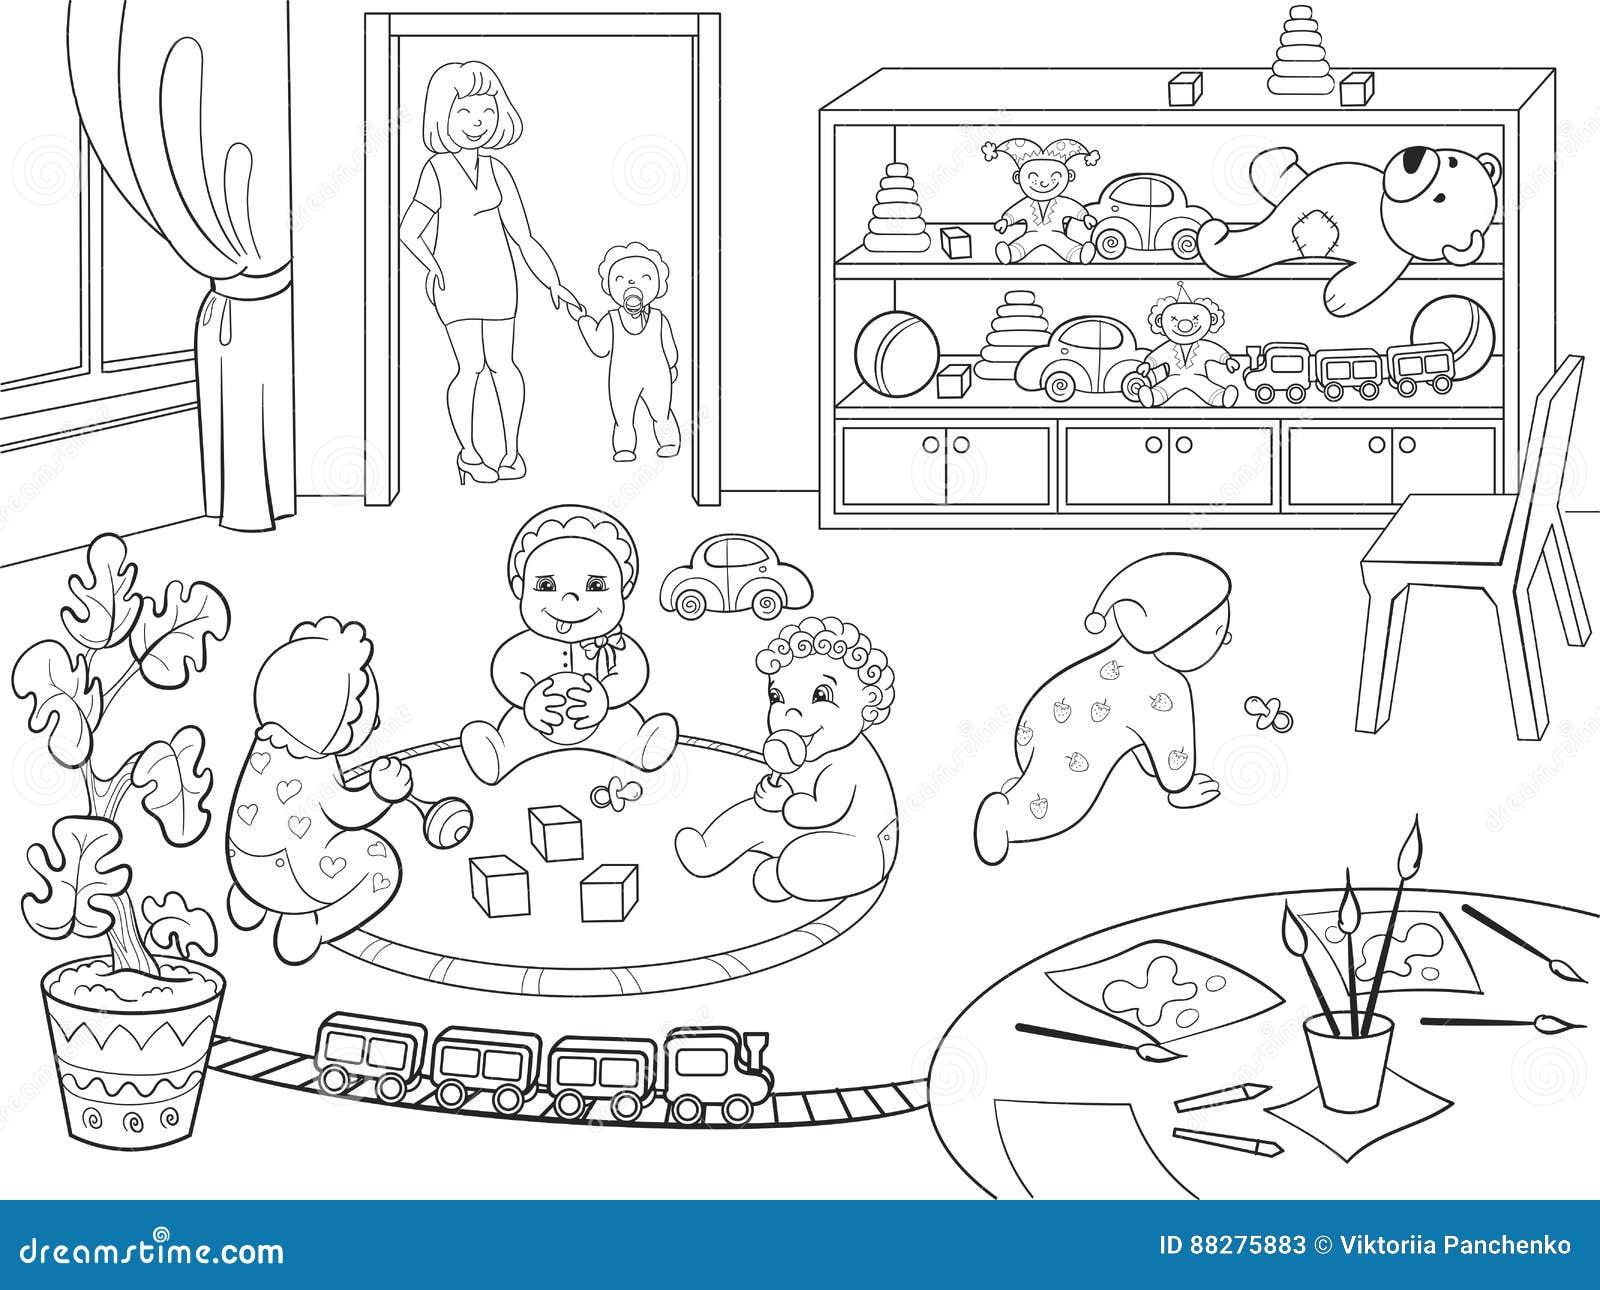 Kindergarten Coloring Book For Children Cartoon Vector Illustration ...